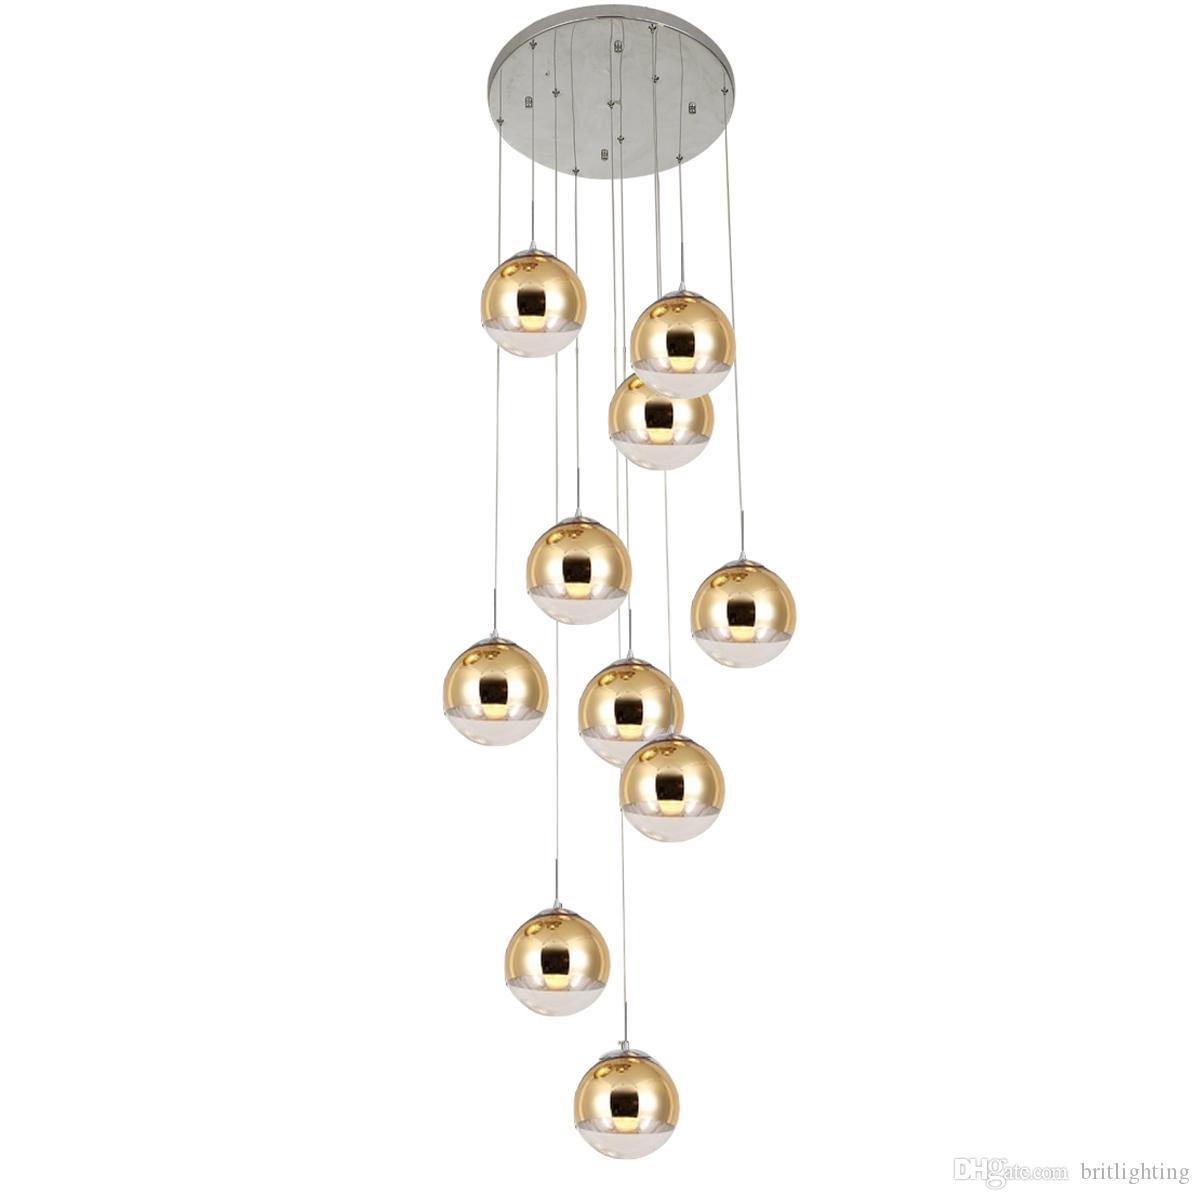 Spiral Merdiven Aydınlatma Uzun Sarkıt Oturma Odası Cam Top Kolye Işıkları Yemek Odası Asılı Lamba Işıkları Doğrusal Tavan Işıkları